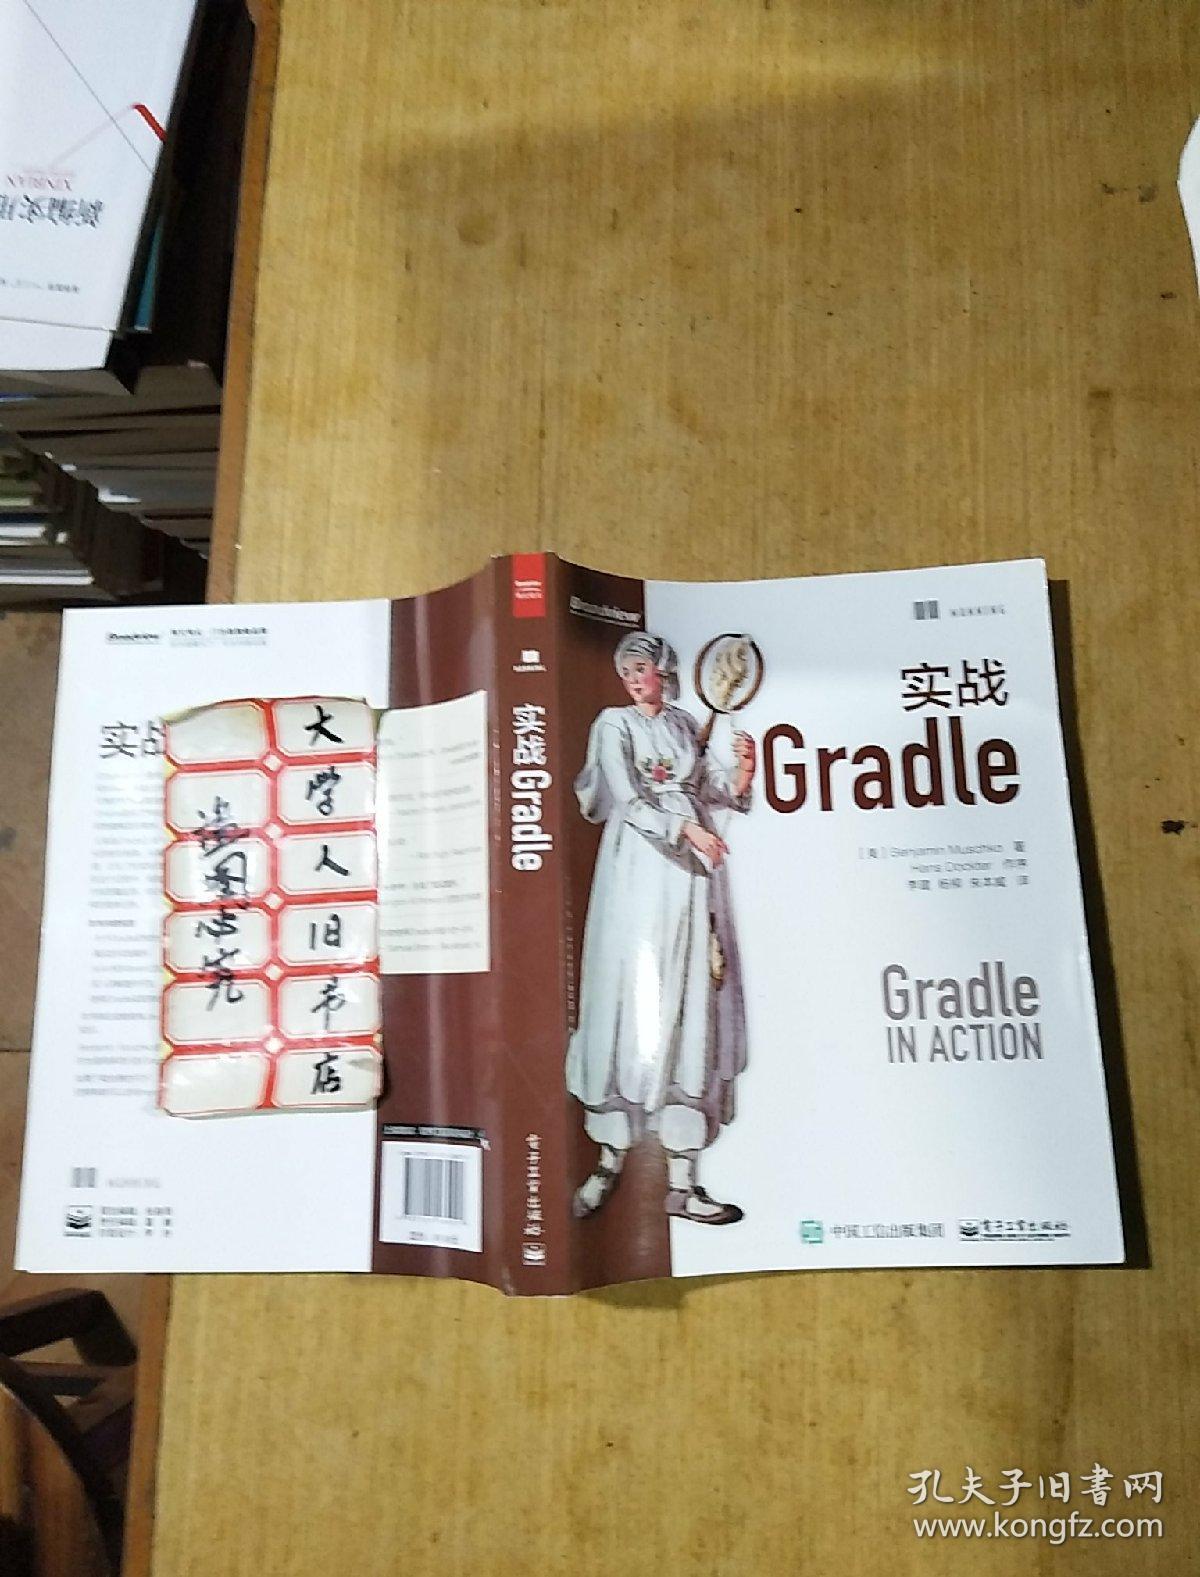 第13課: Gradle項目實戰編譯和打包